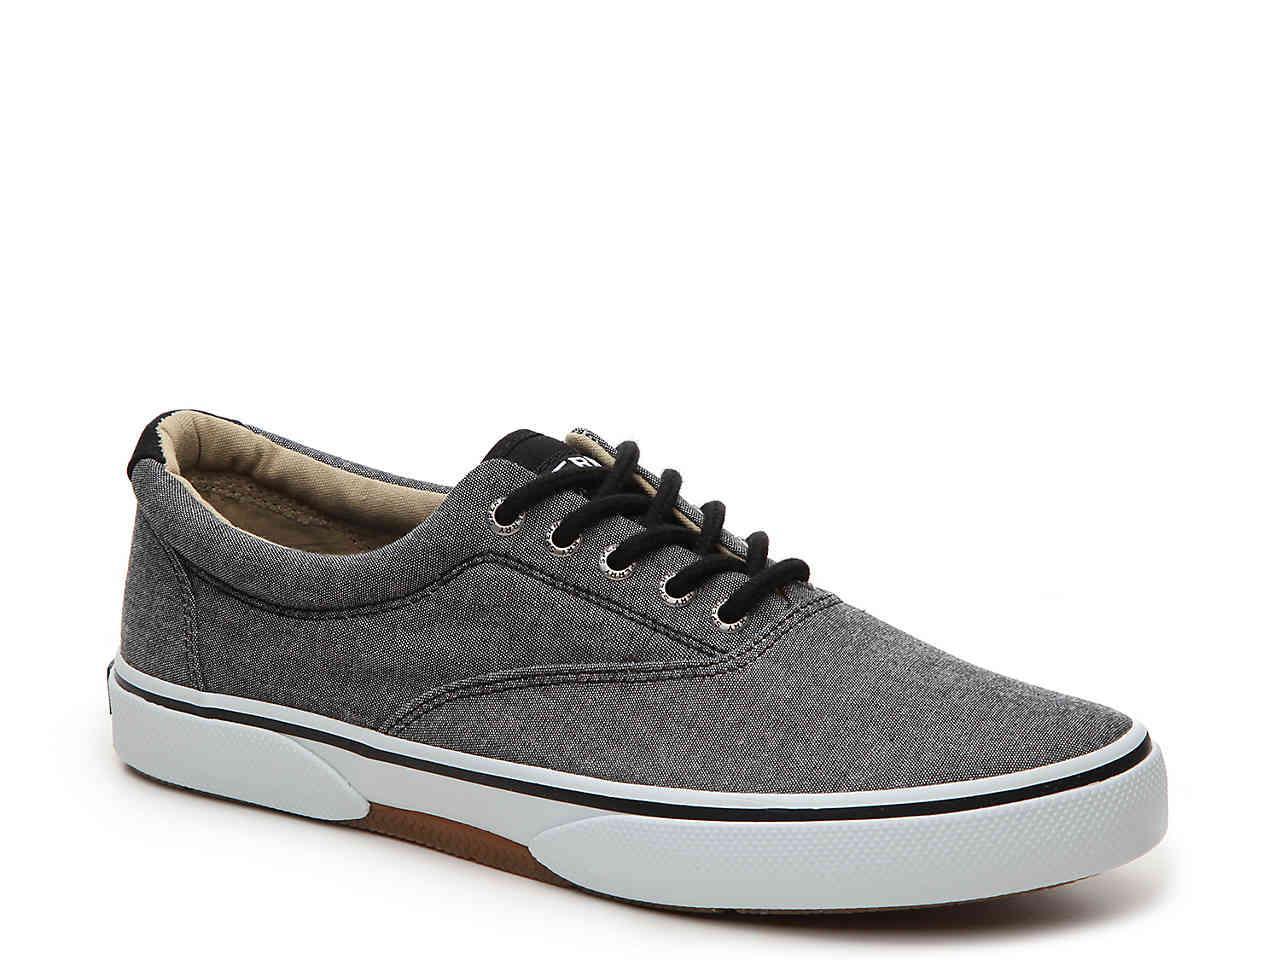 19501fdb6ce912 Sperry Top-Sider. Men s Gray Halyard Sneaker